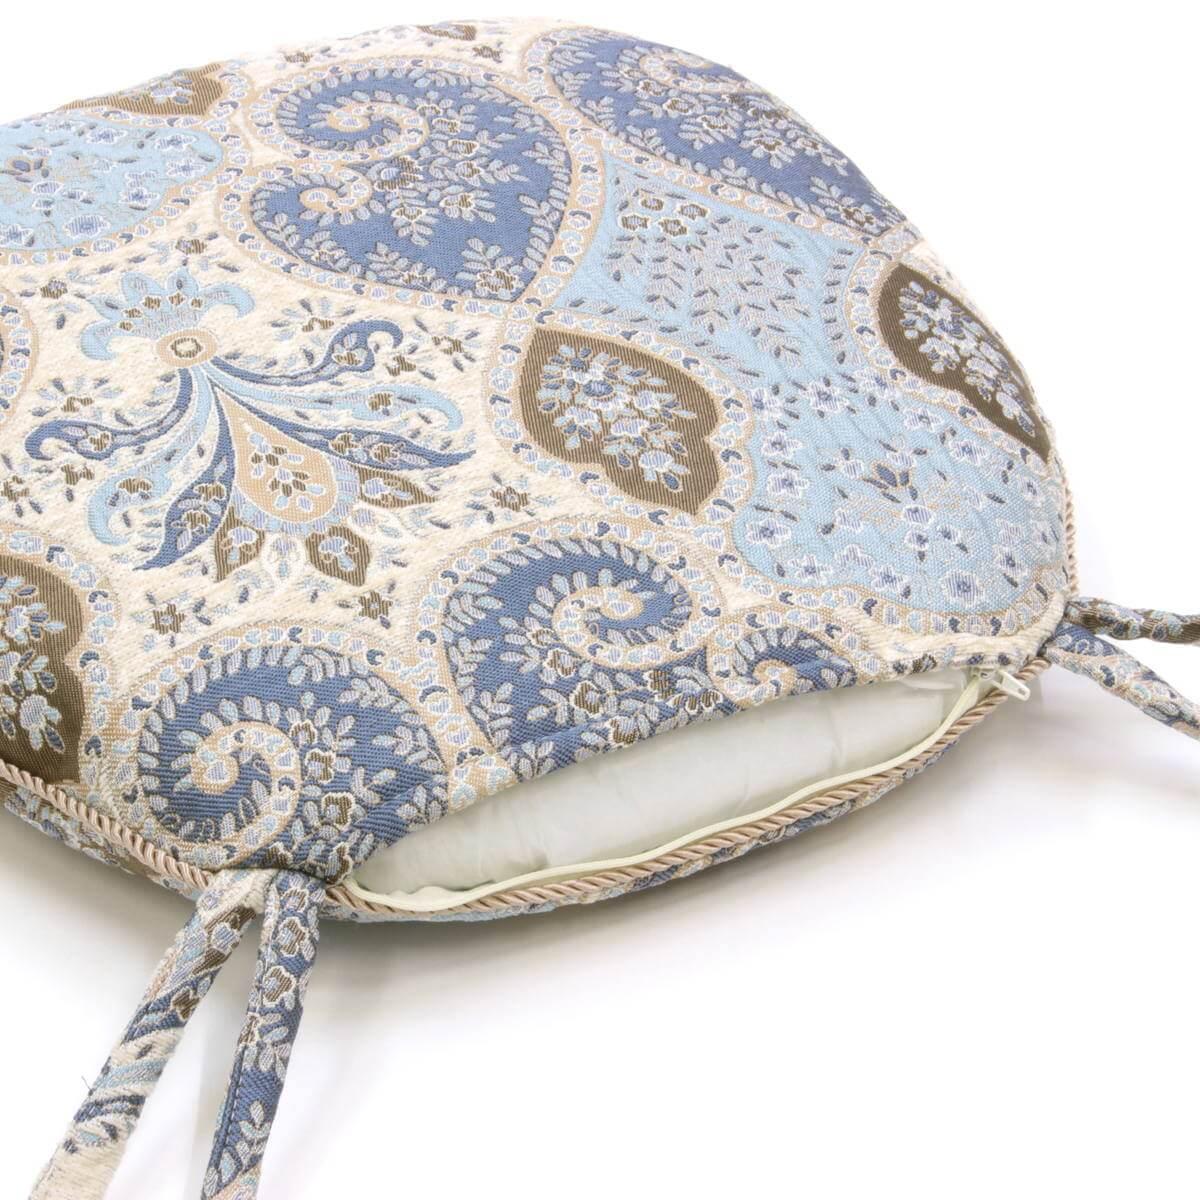 アルヴァシリーズ シェニール織の紐付シートクッションはファスナー付で中材を取り出して、カバーだけをお洗濯できます。